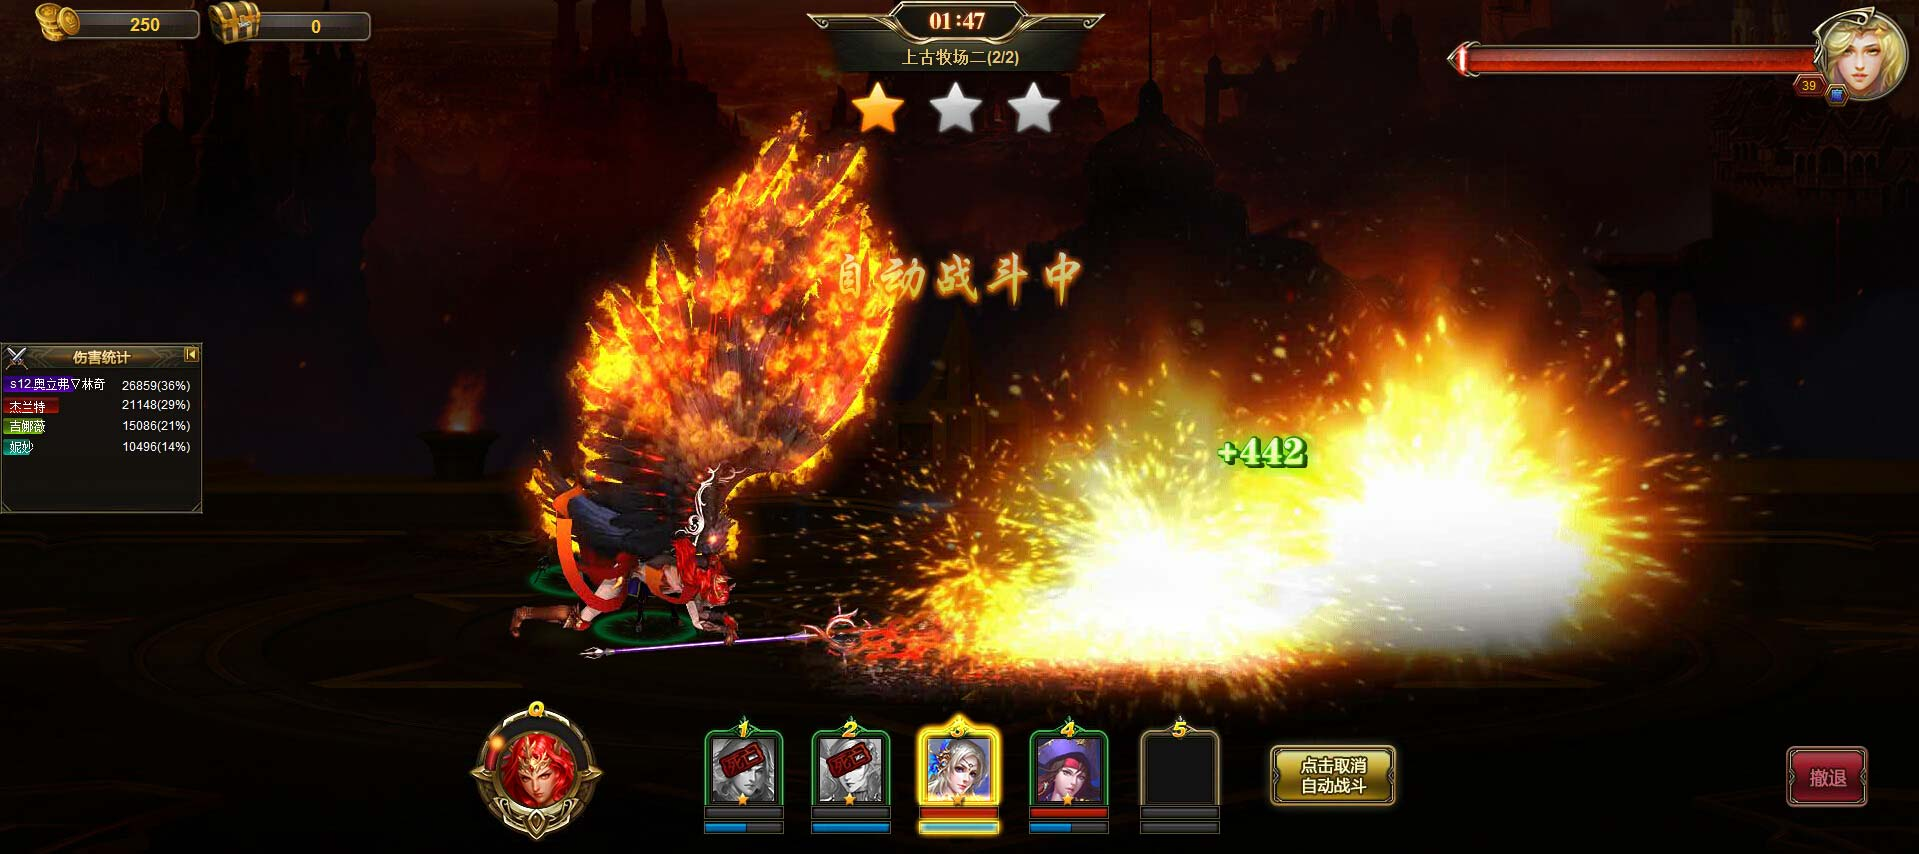 巨龙战纪游戏截图5